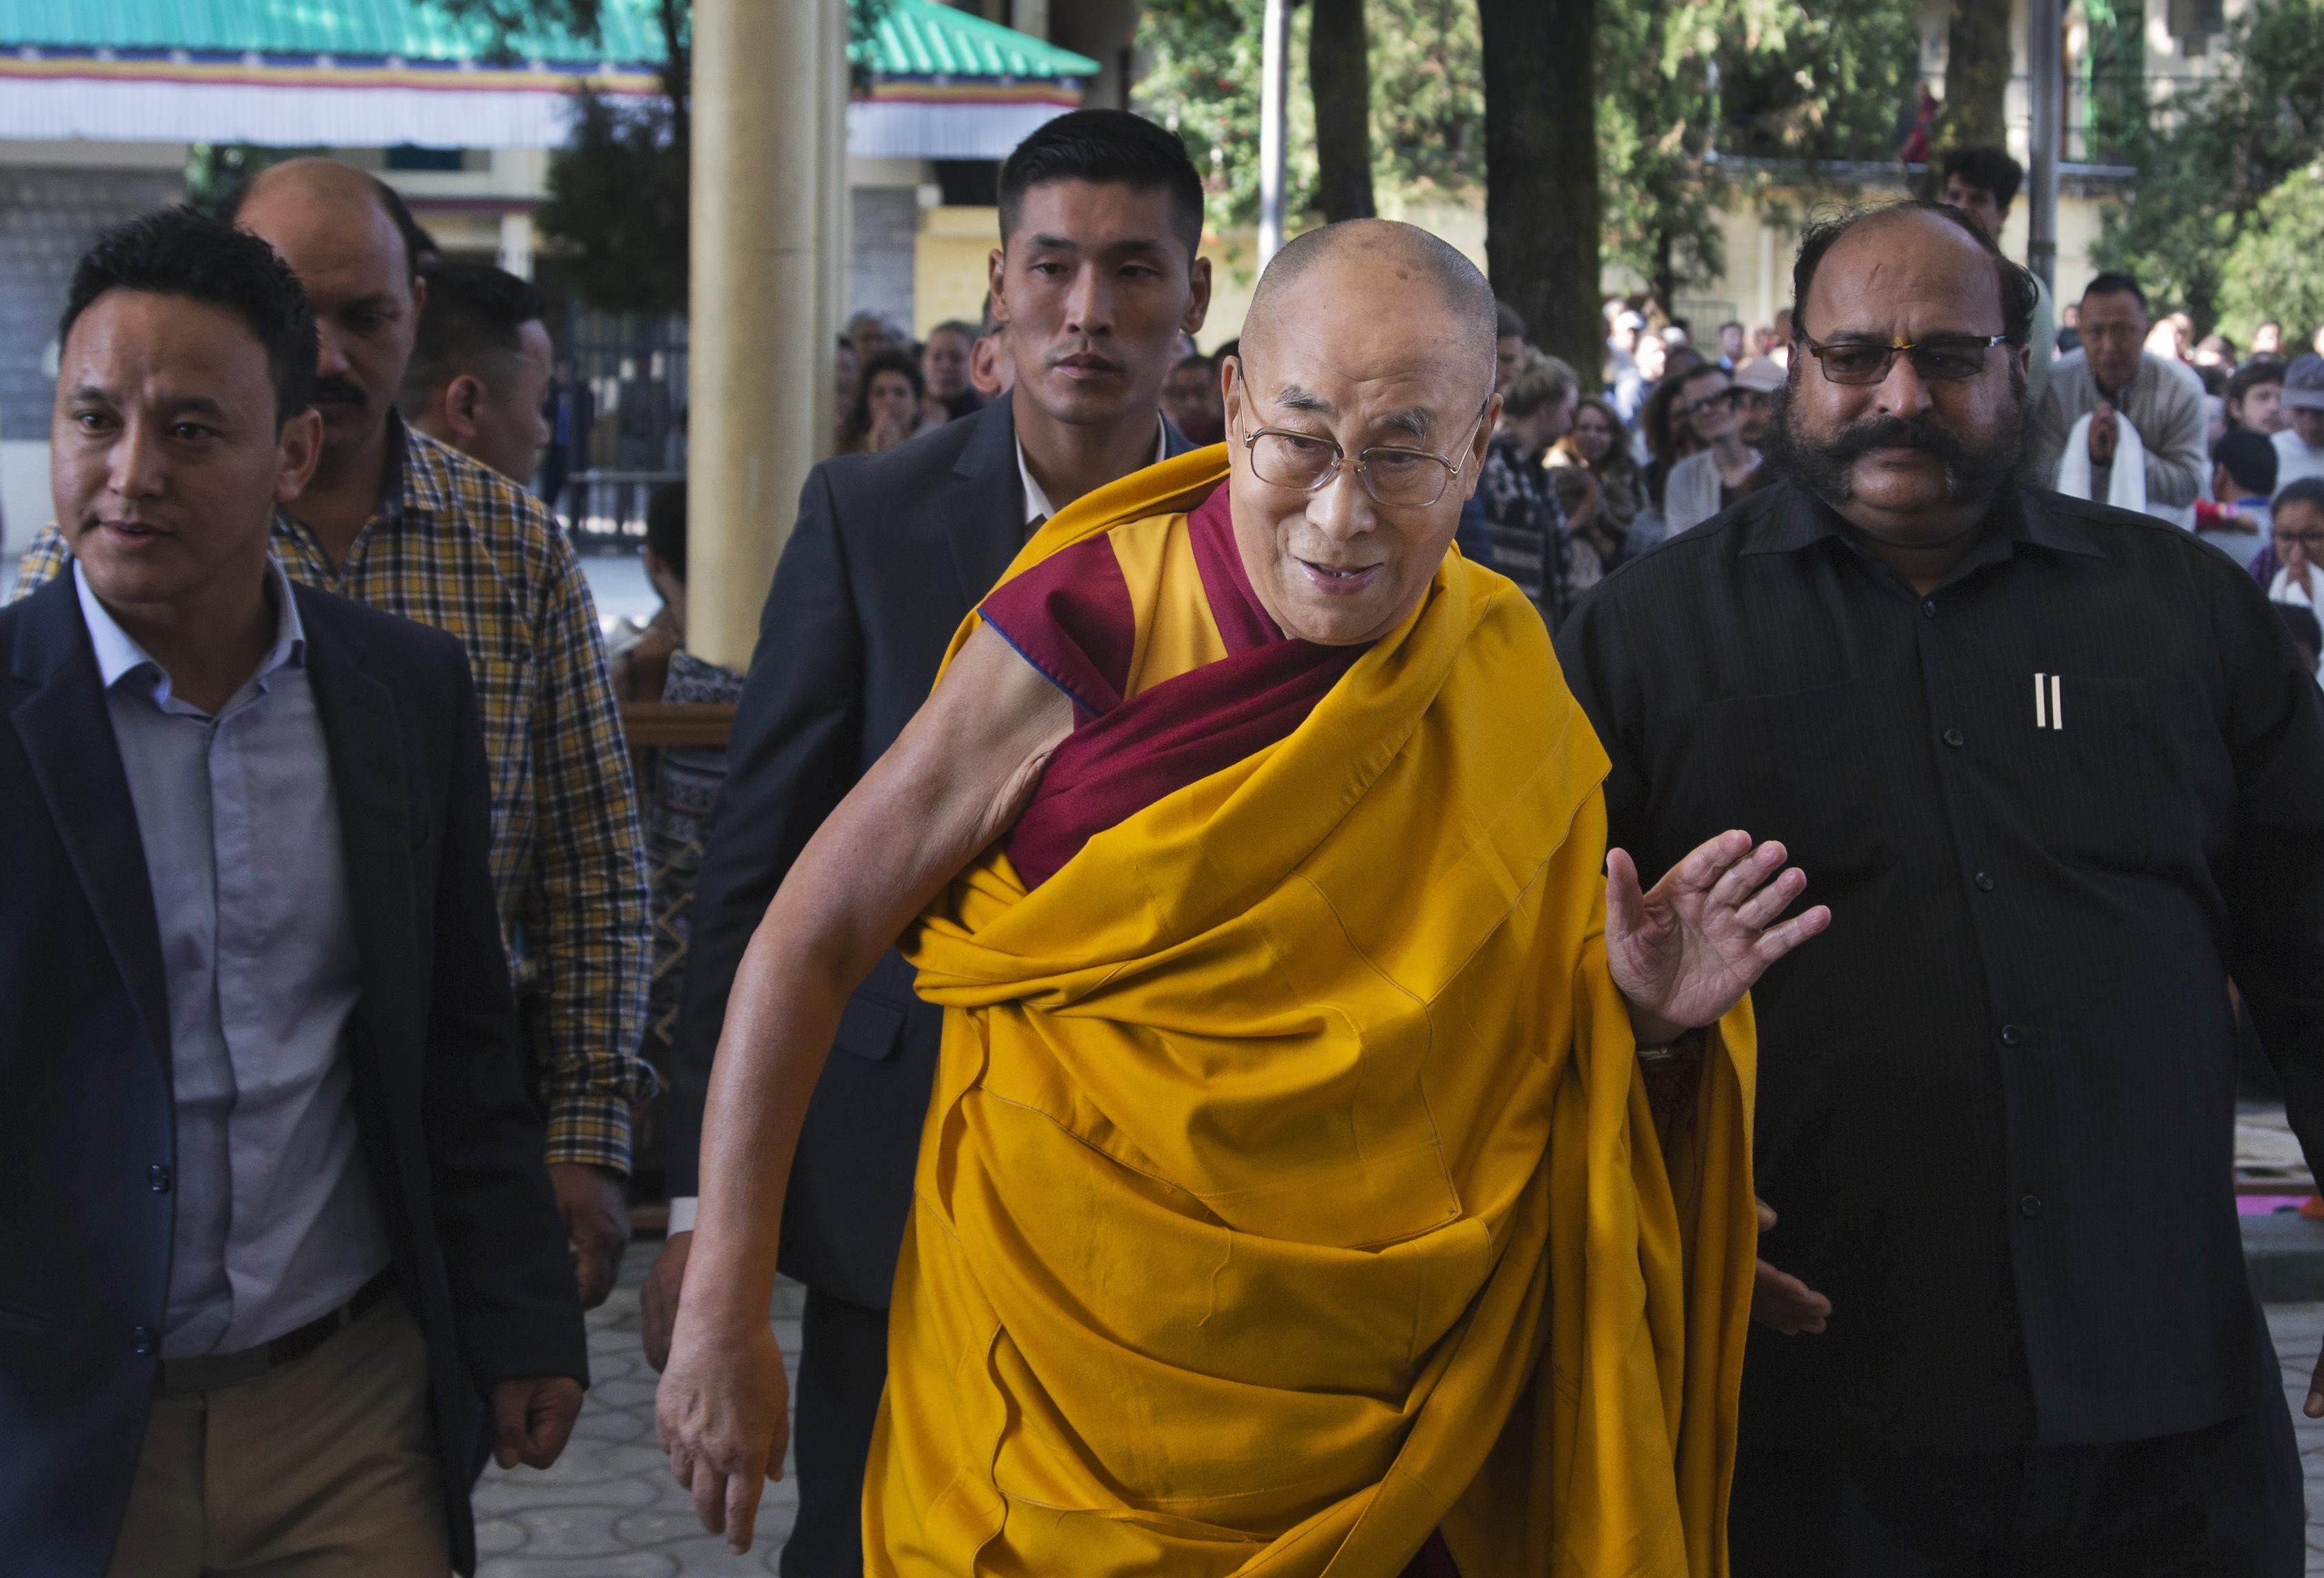 西藏精神領袖達賴喇嘛,北京當局的眼中釘(AP)